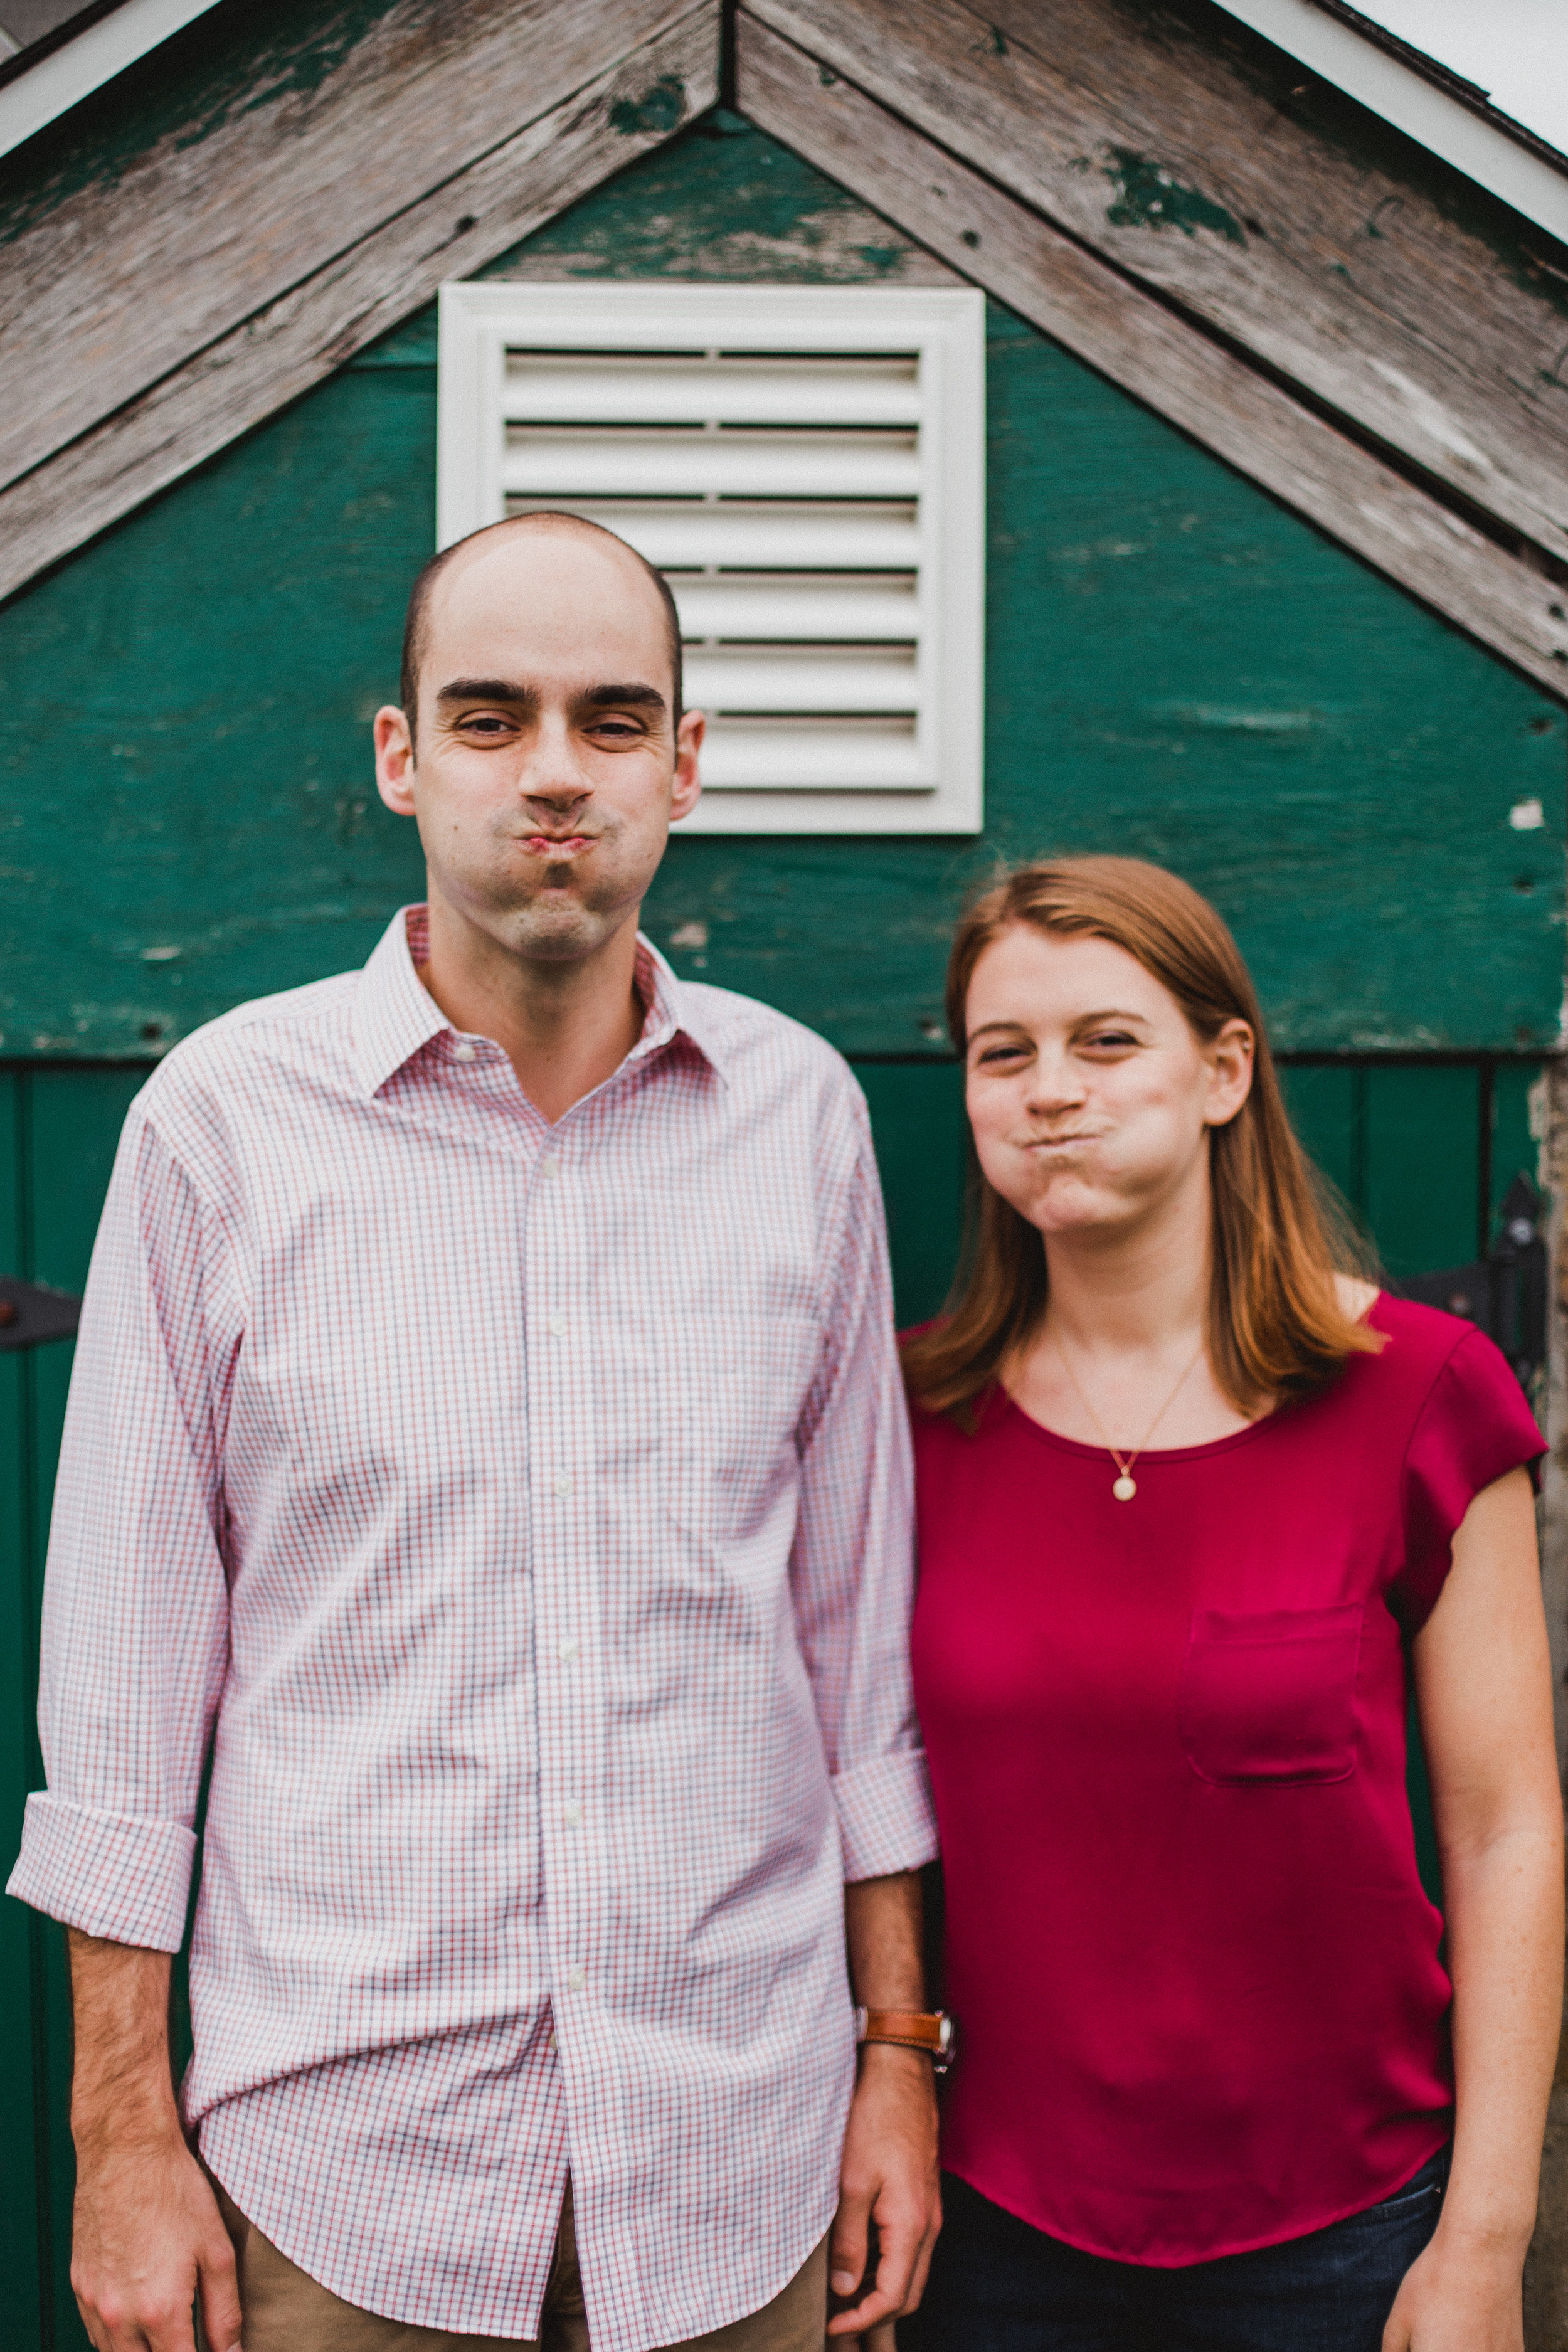 Kimberly & Sam - Engagement Shoot 9.9.18-53.jpg